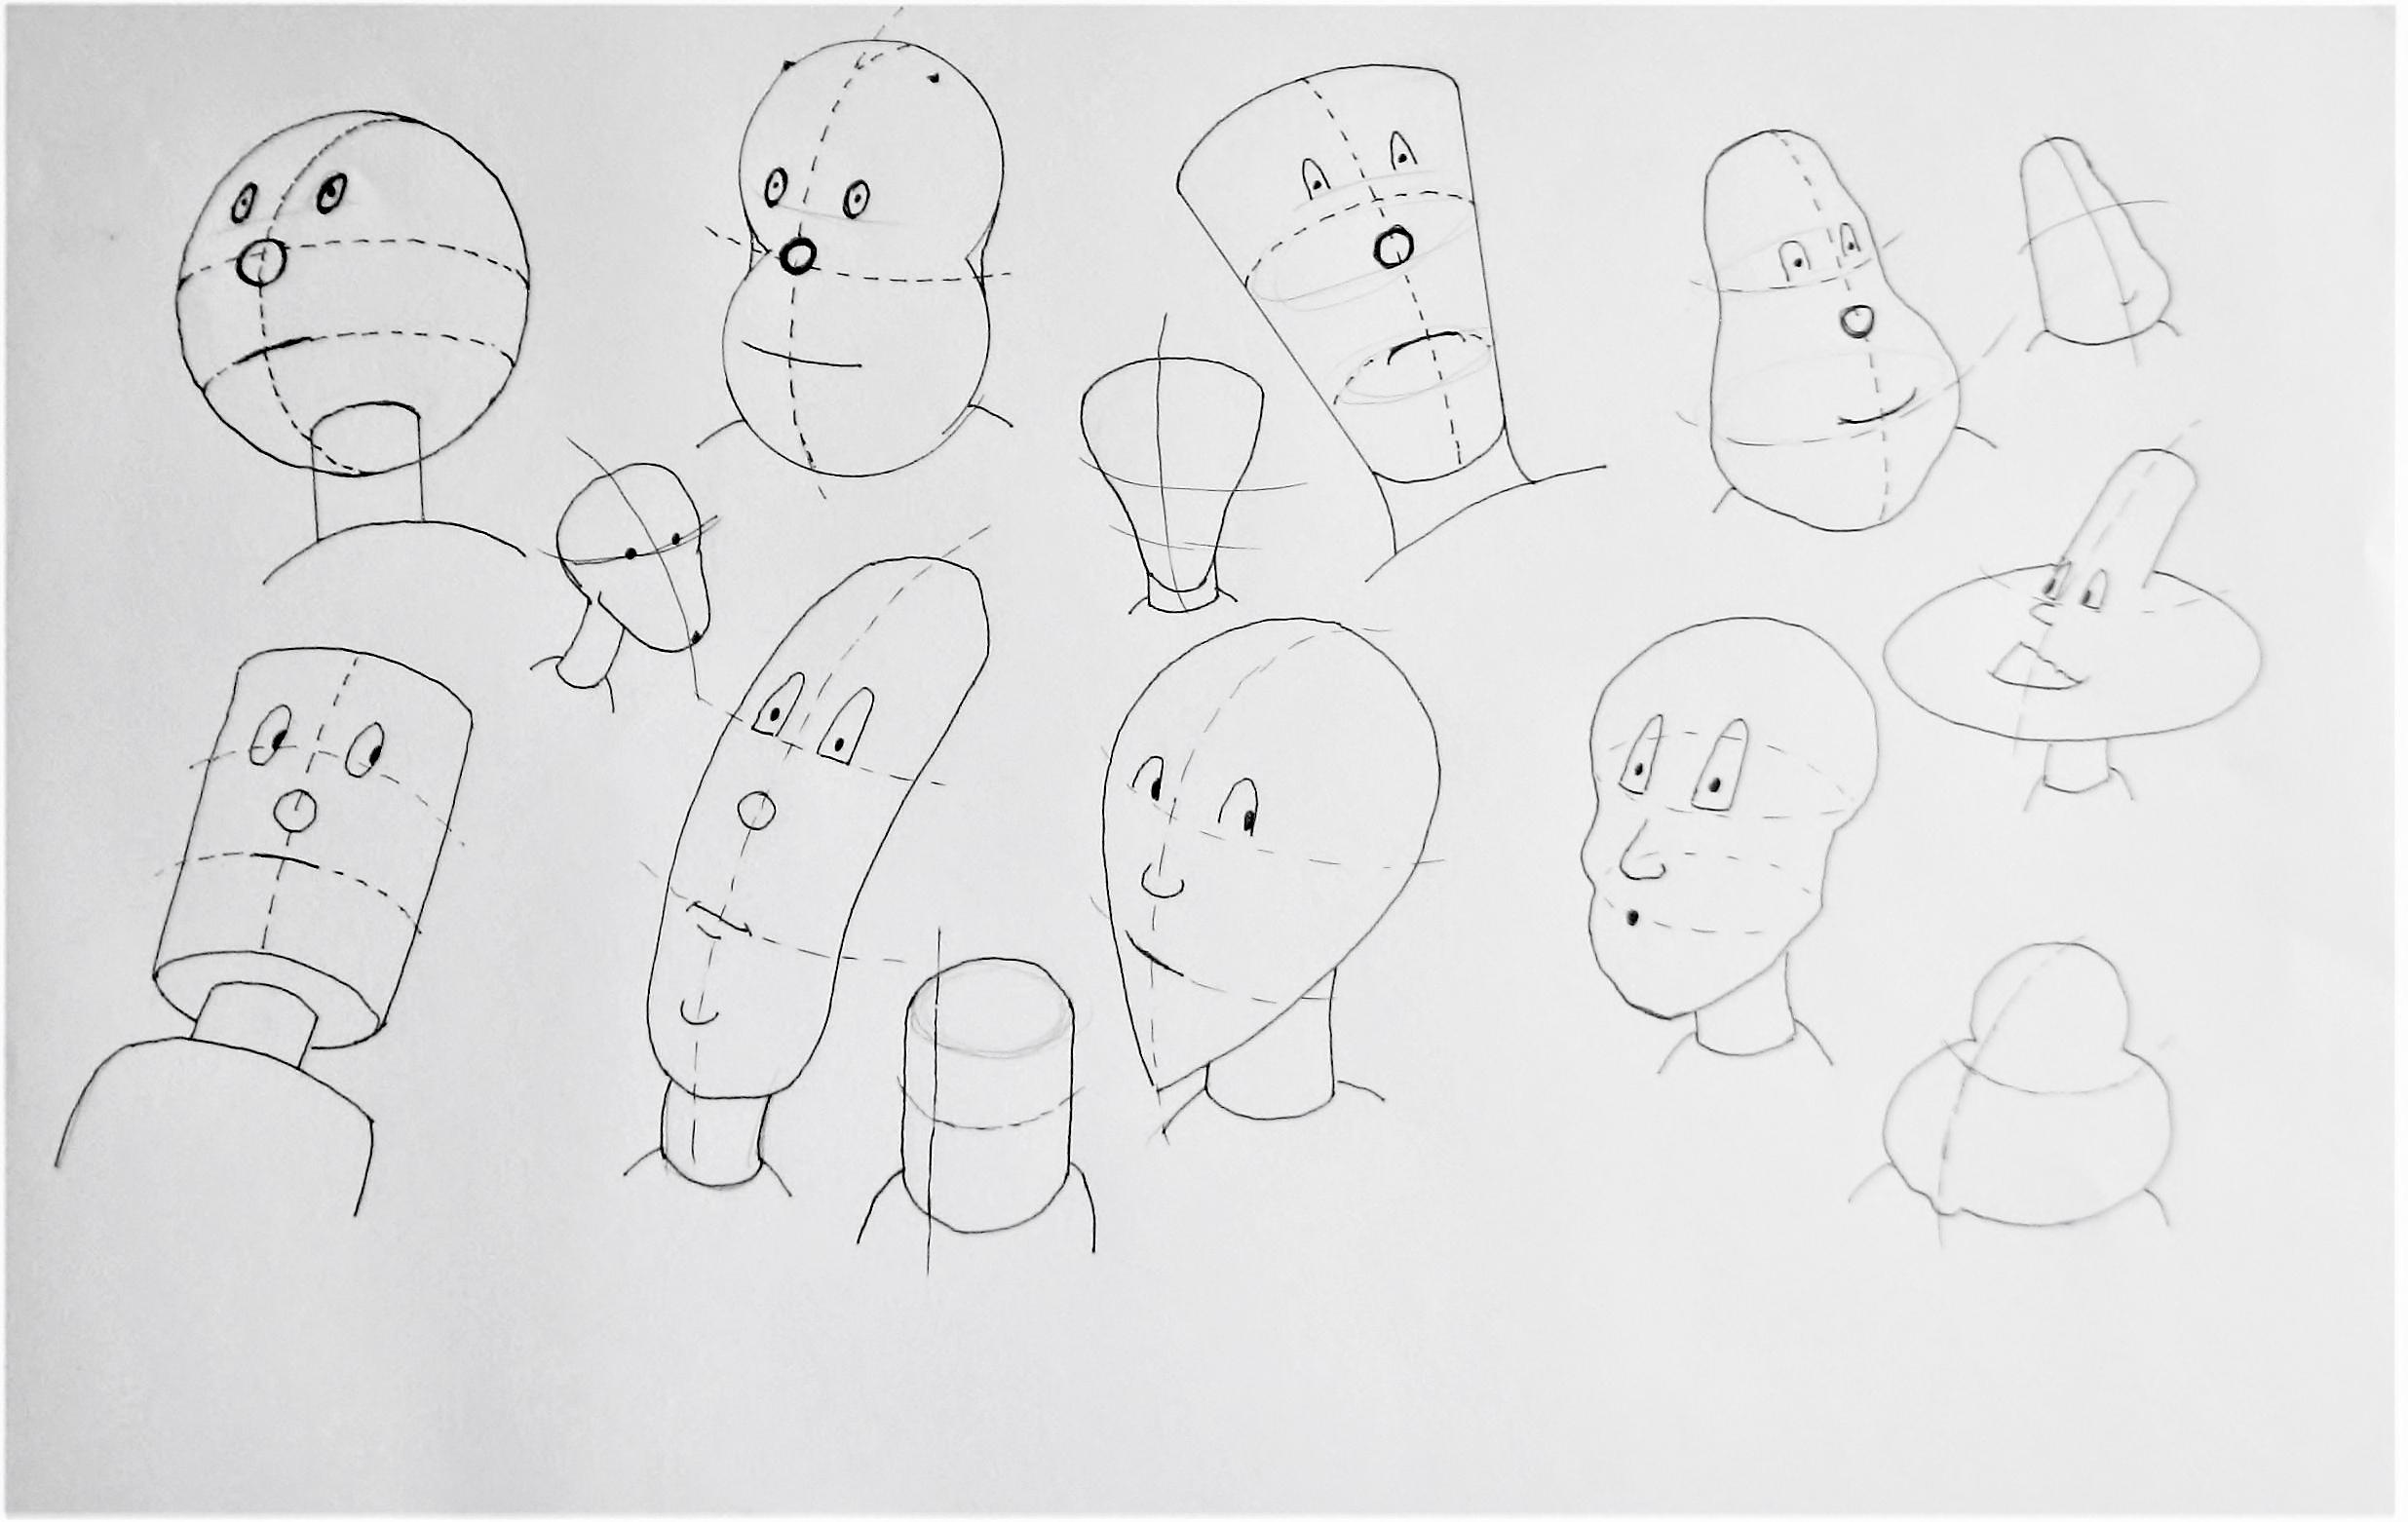 Basis tekenen kinderen van 9 tot 12 jaar Tekenen is jouw favoriete hobby! En je wil écht leren tekenen. Tijdens deze cursus leggen we je stap voor stap uit hoe je dat kan doen. In een mum van tijd leer je tekenen van wat je nooit eerder kon.